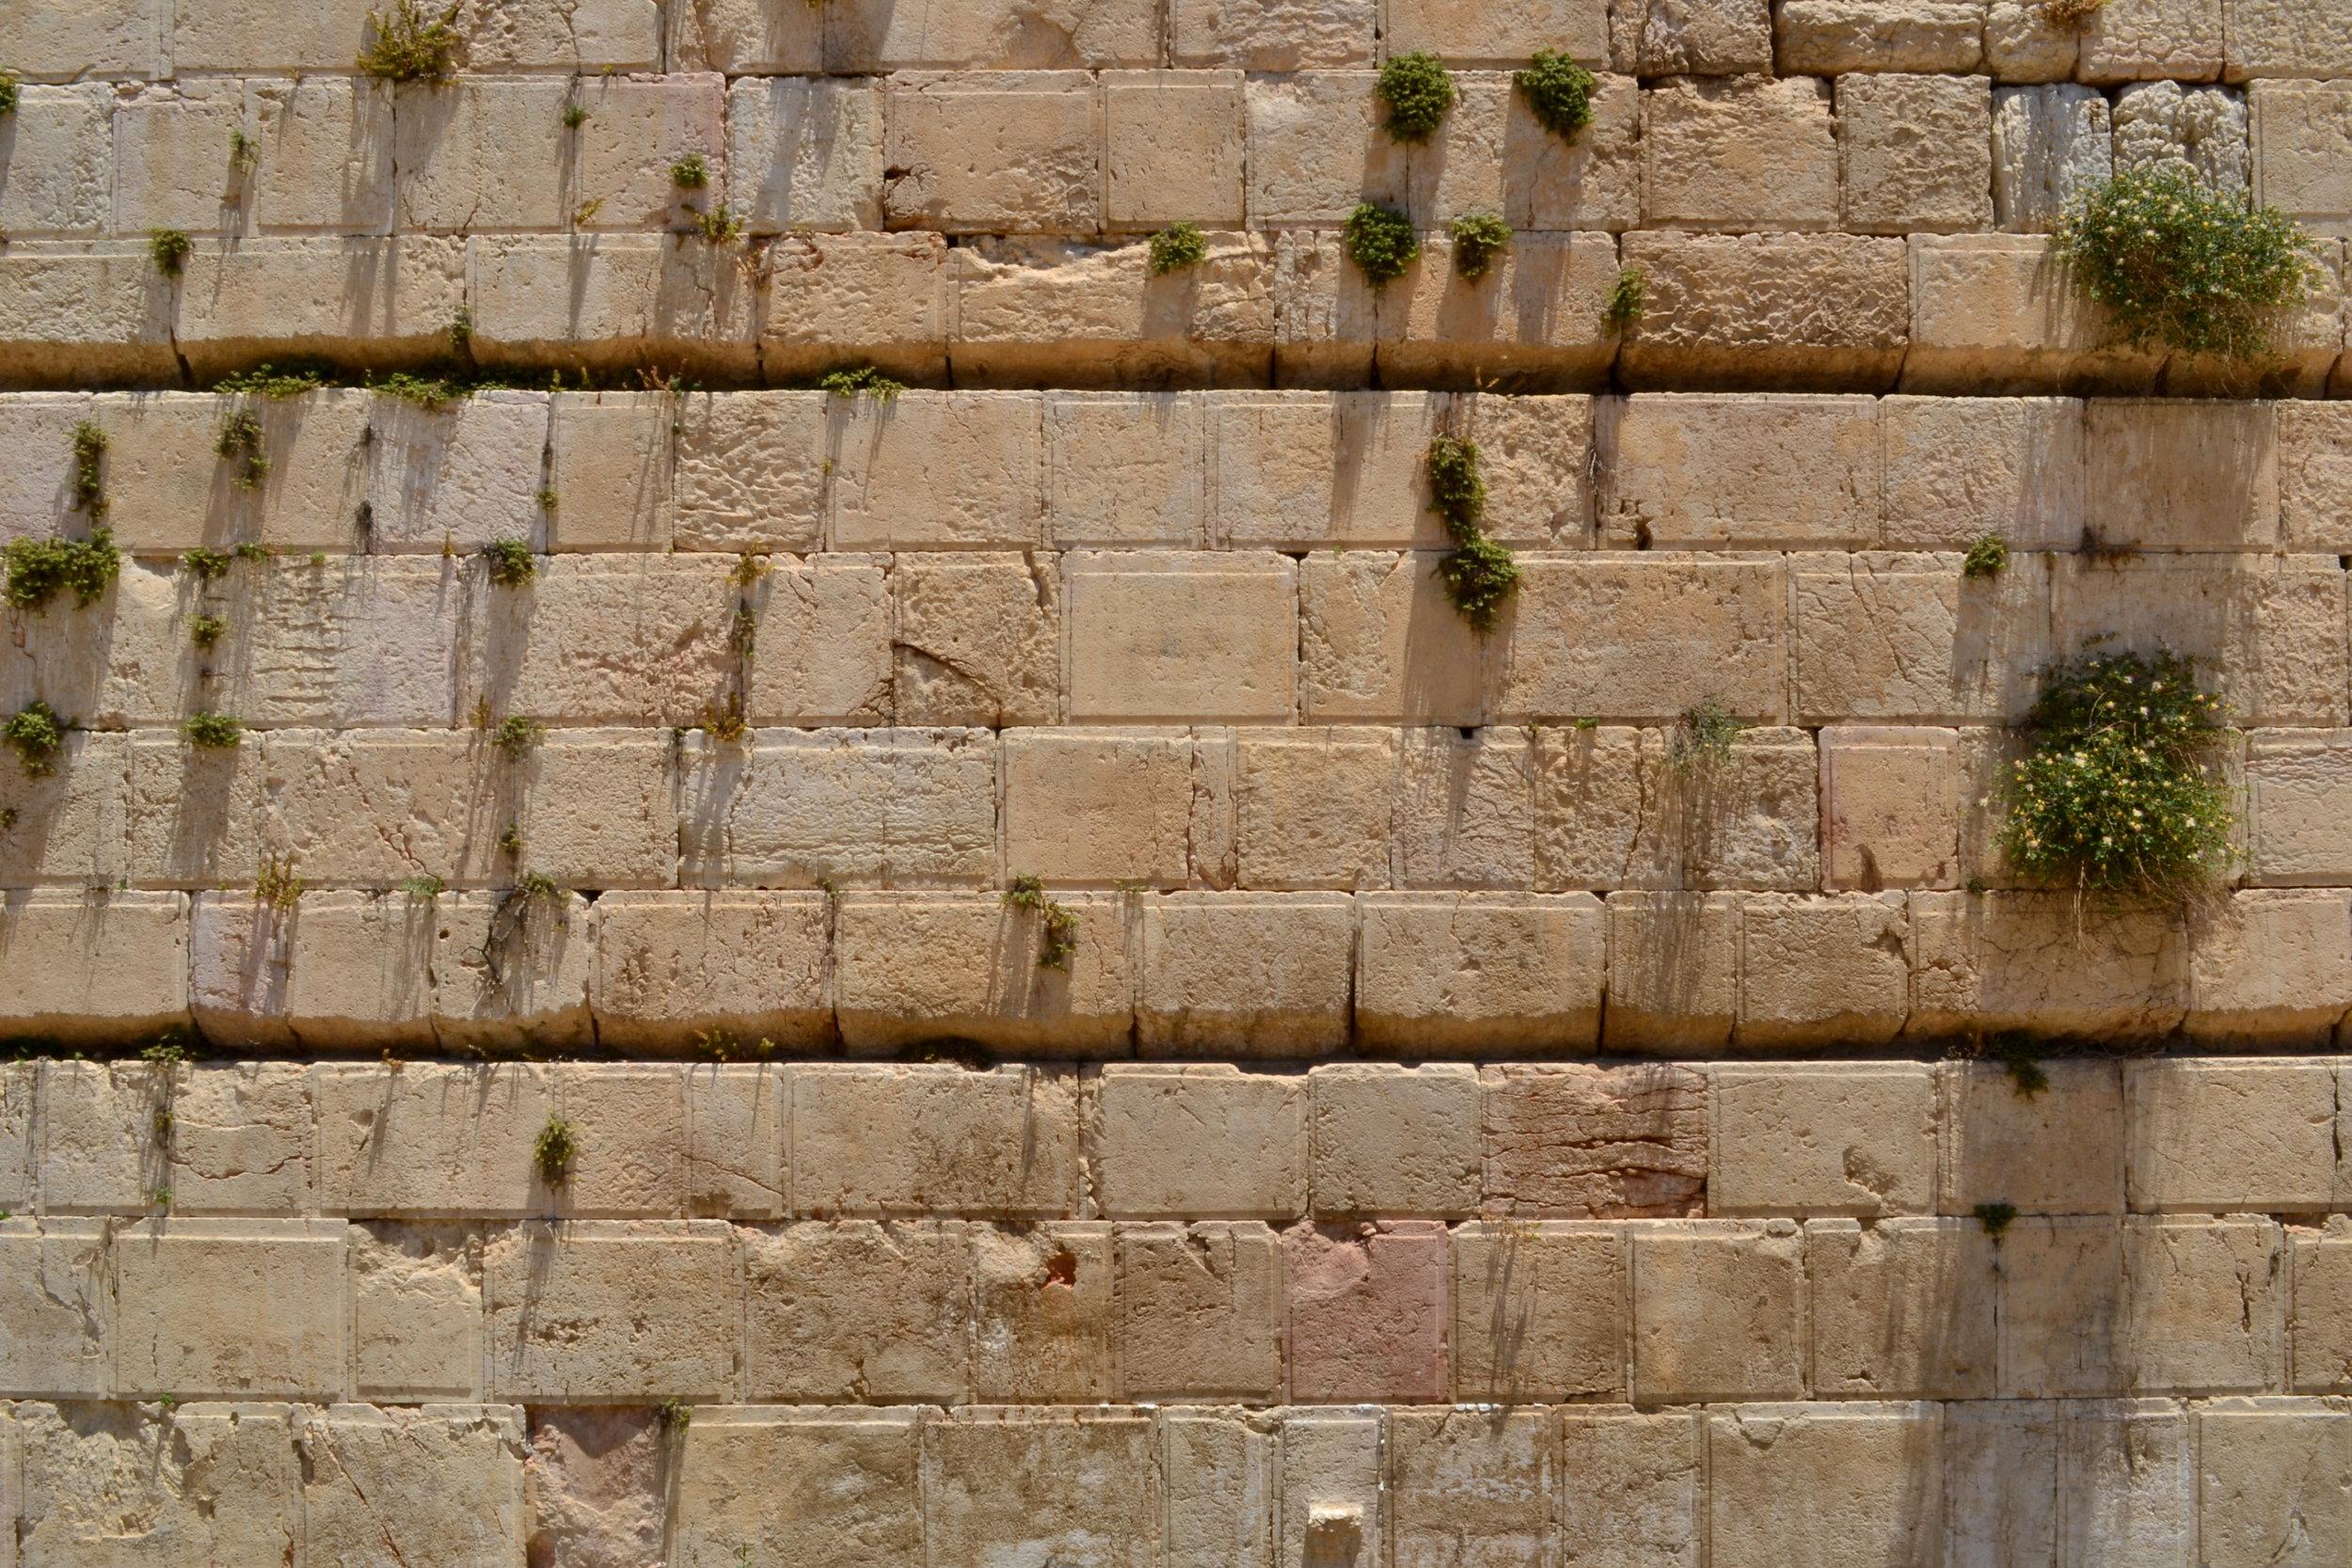 Israel_329.JPG